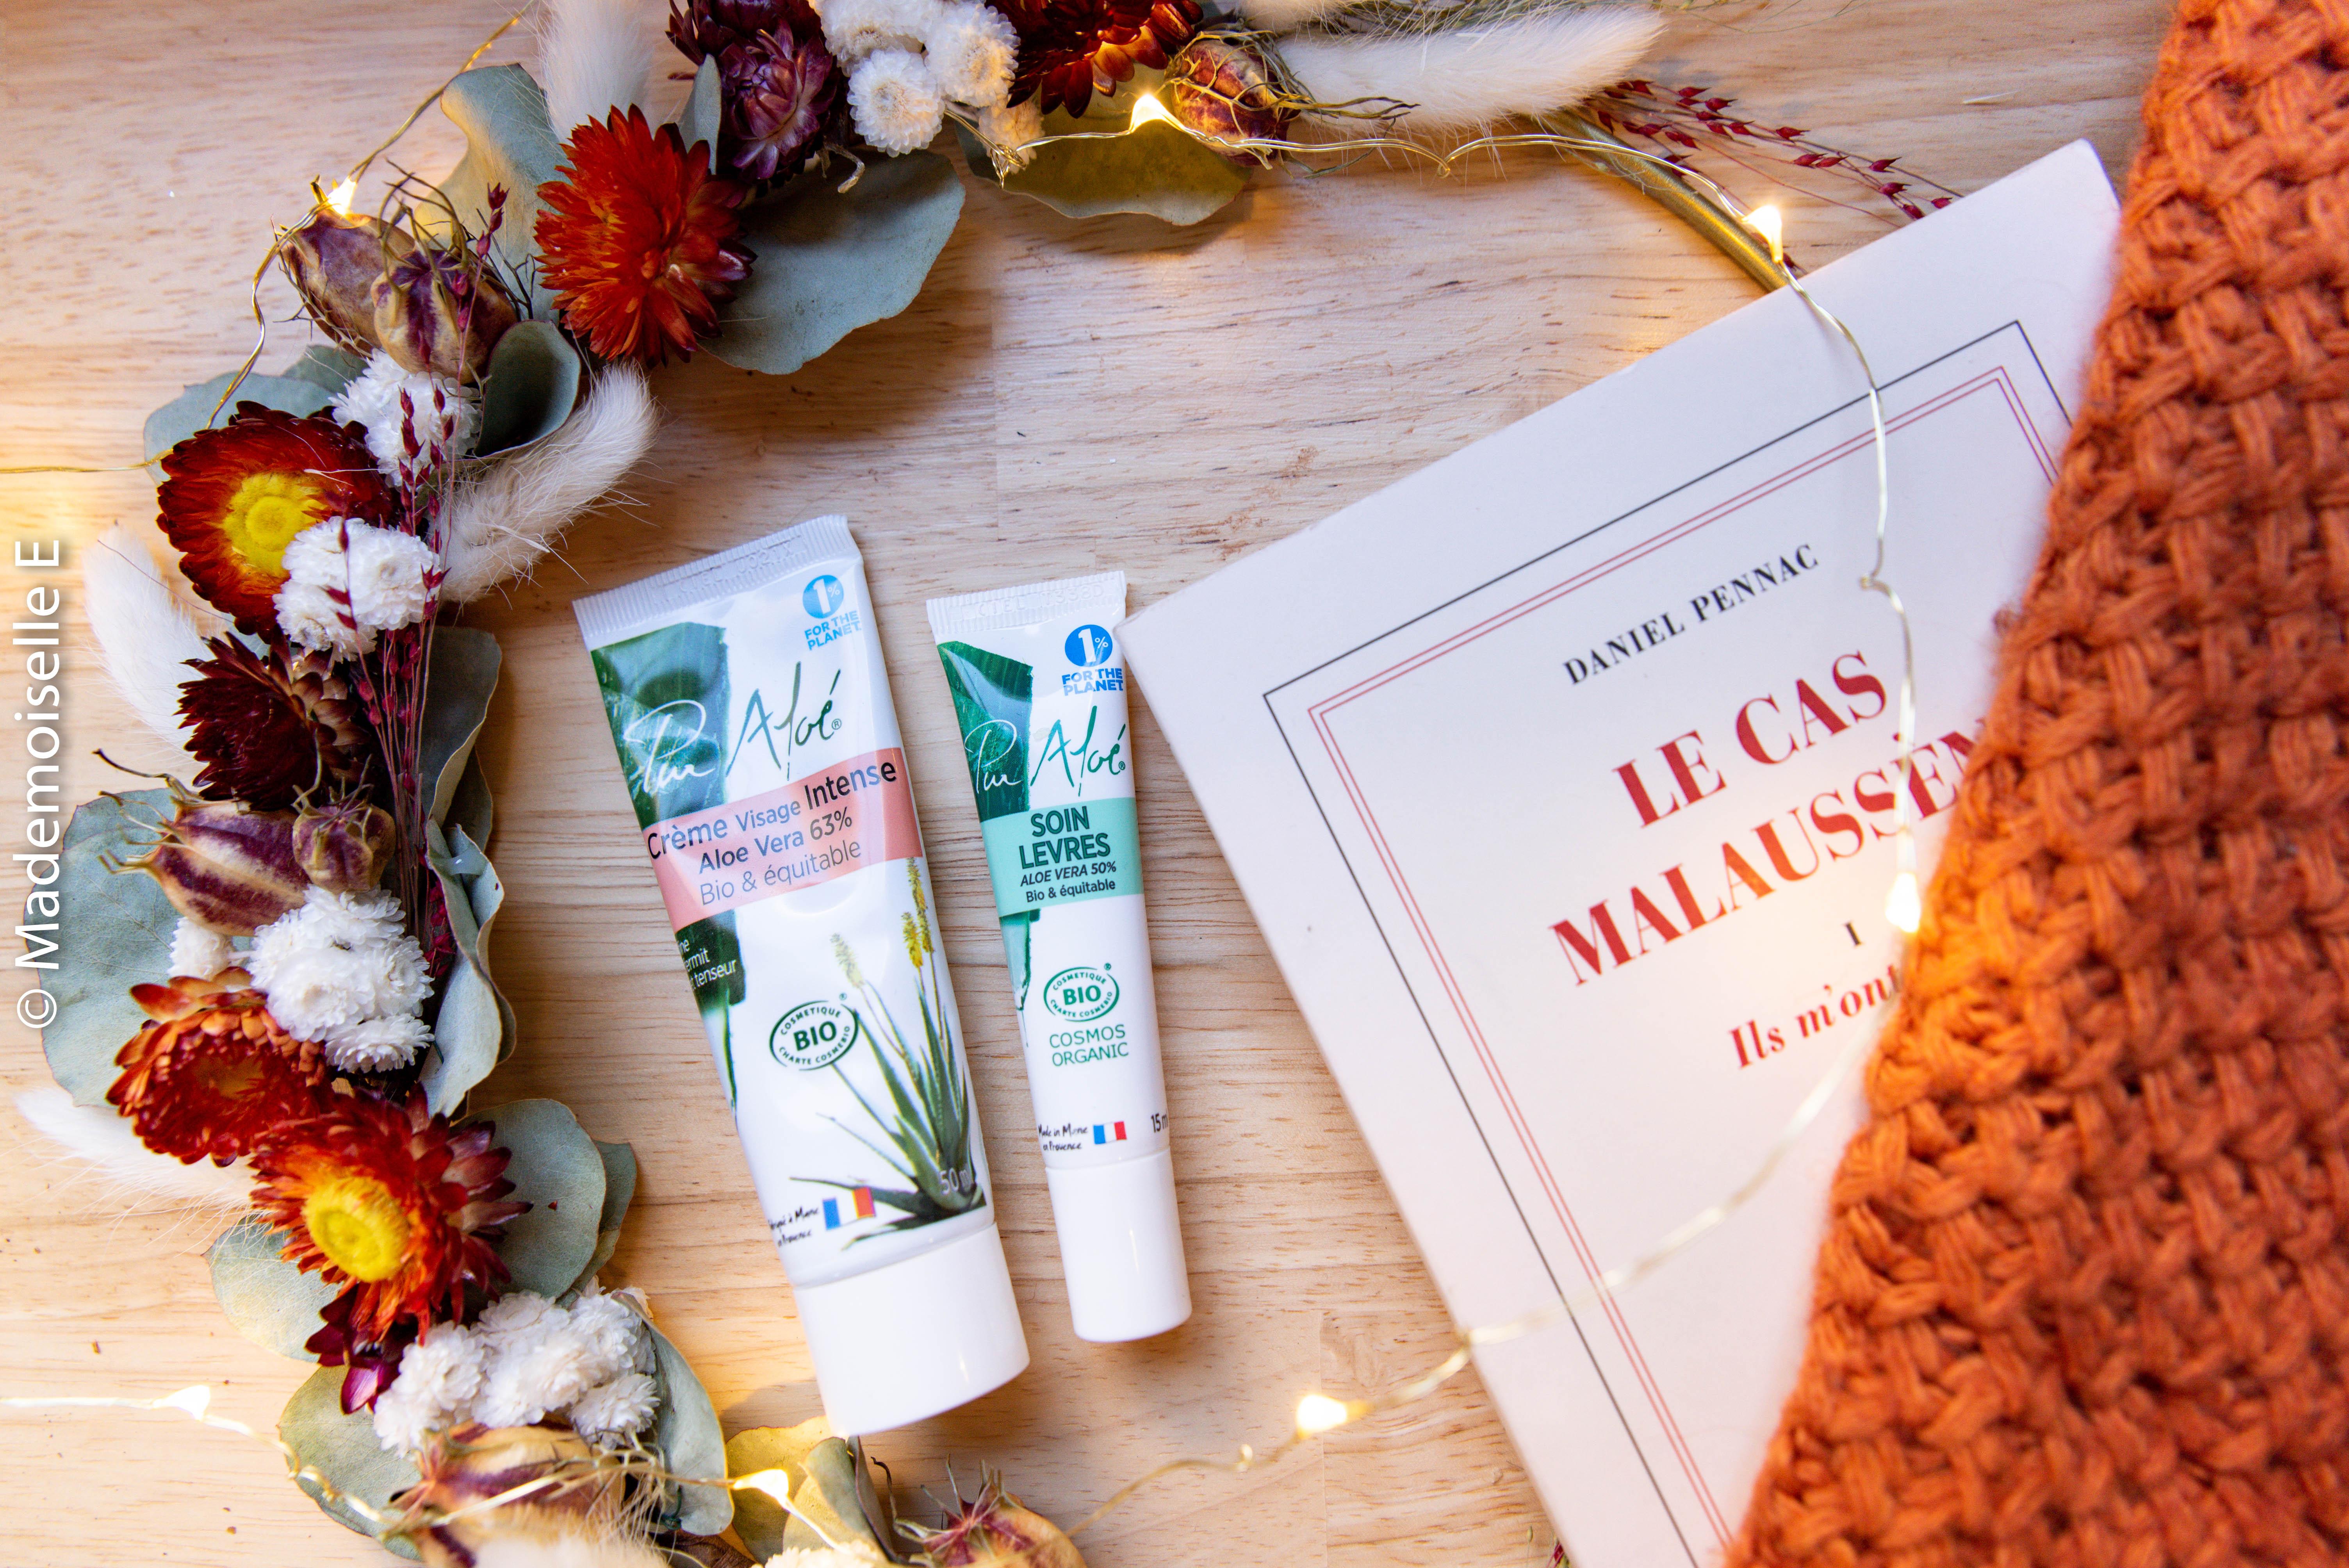 blog_beauté_naturelle_pur_aloé_avis_routine_soir_mademoiselle